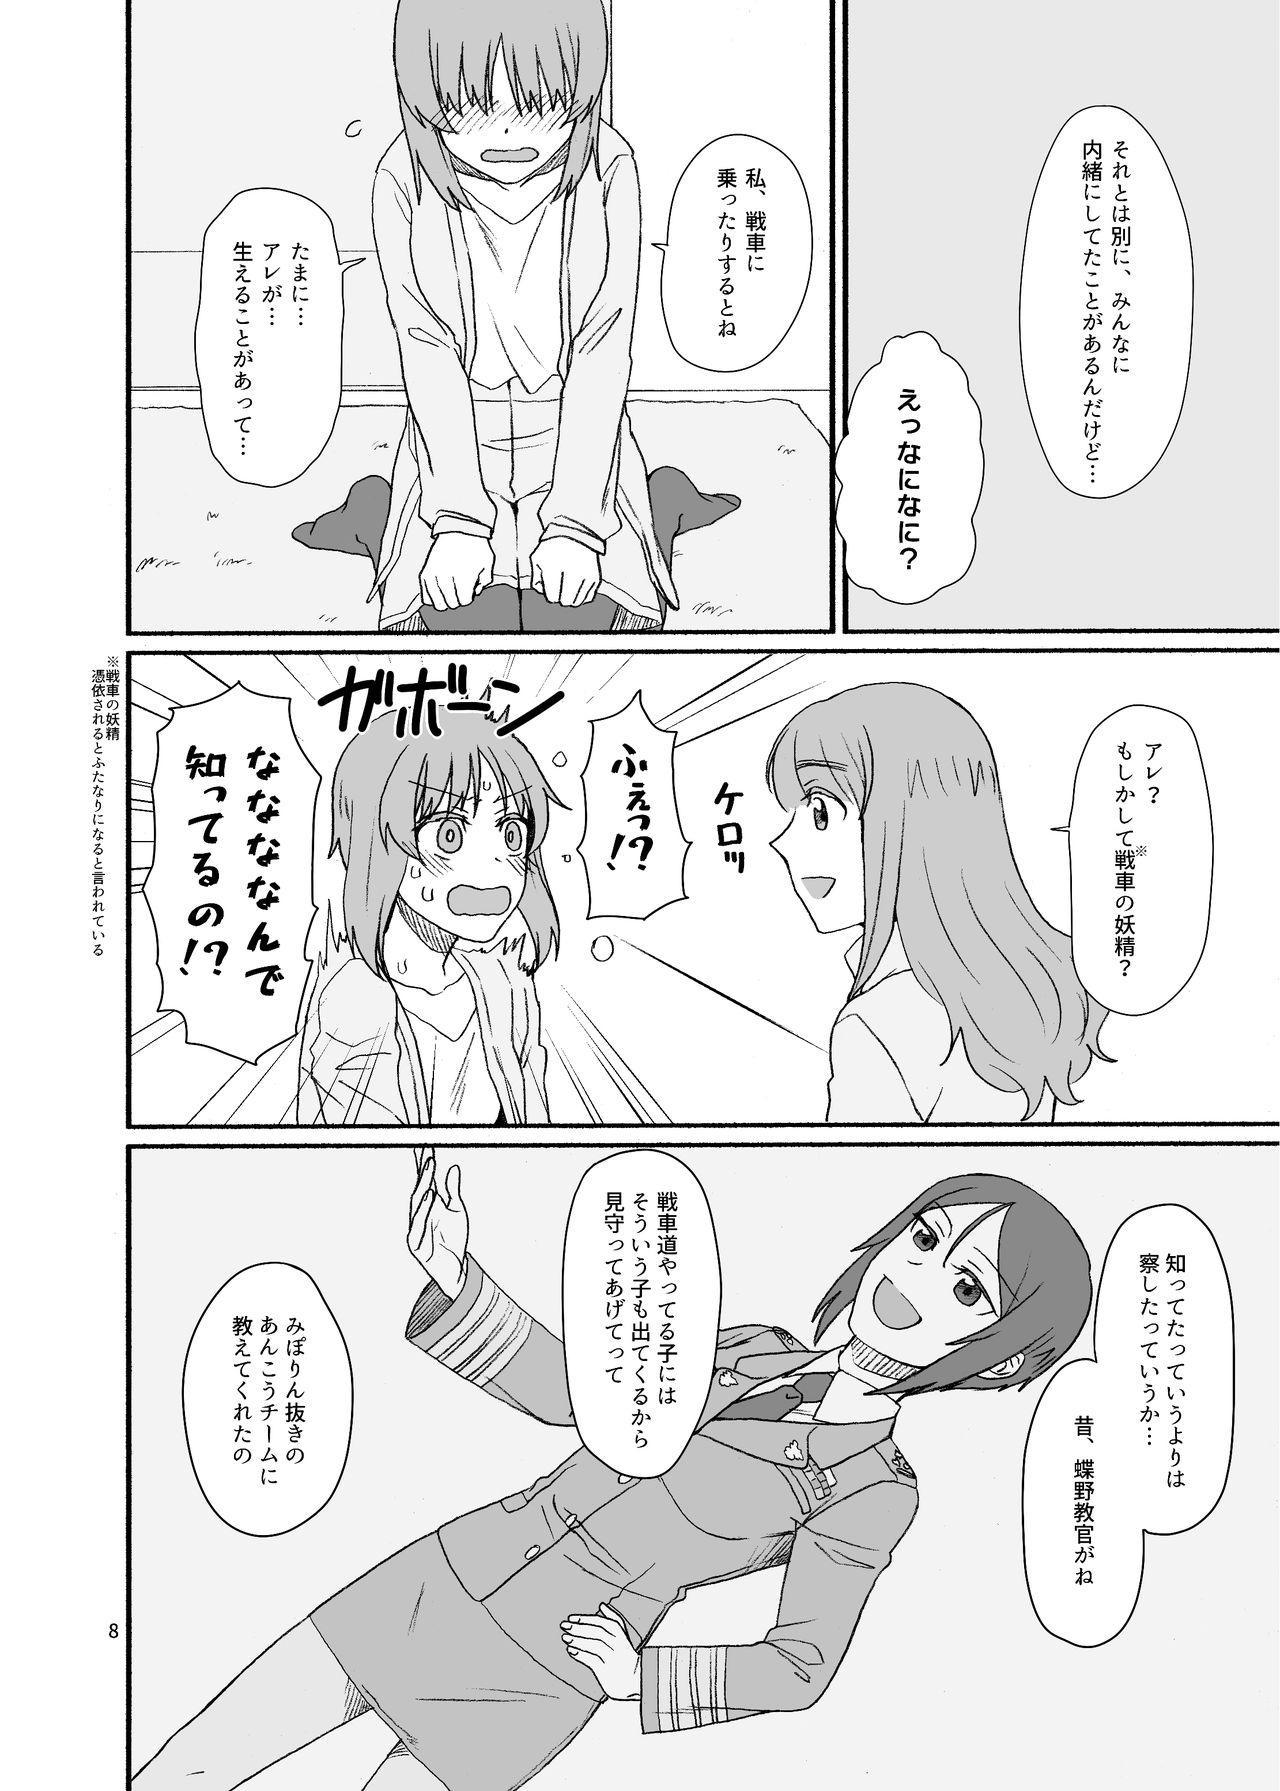 Saori-san, Tsukiatte Kudasai! 6